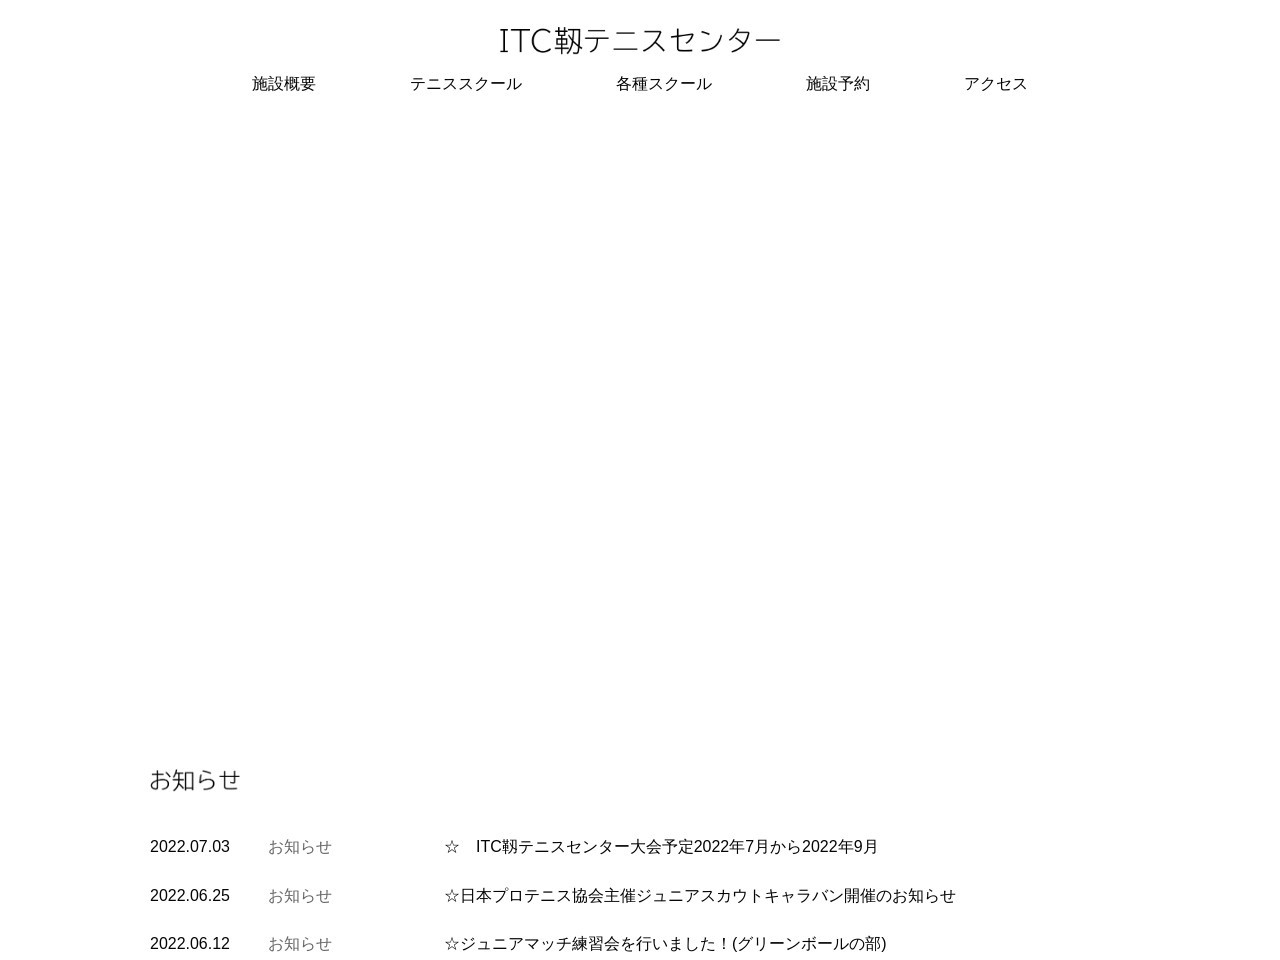 ITC靭テニスセンター